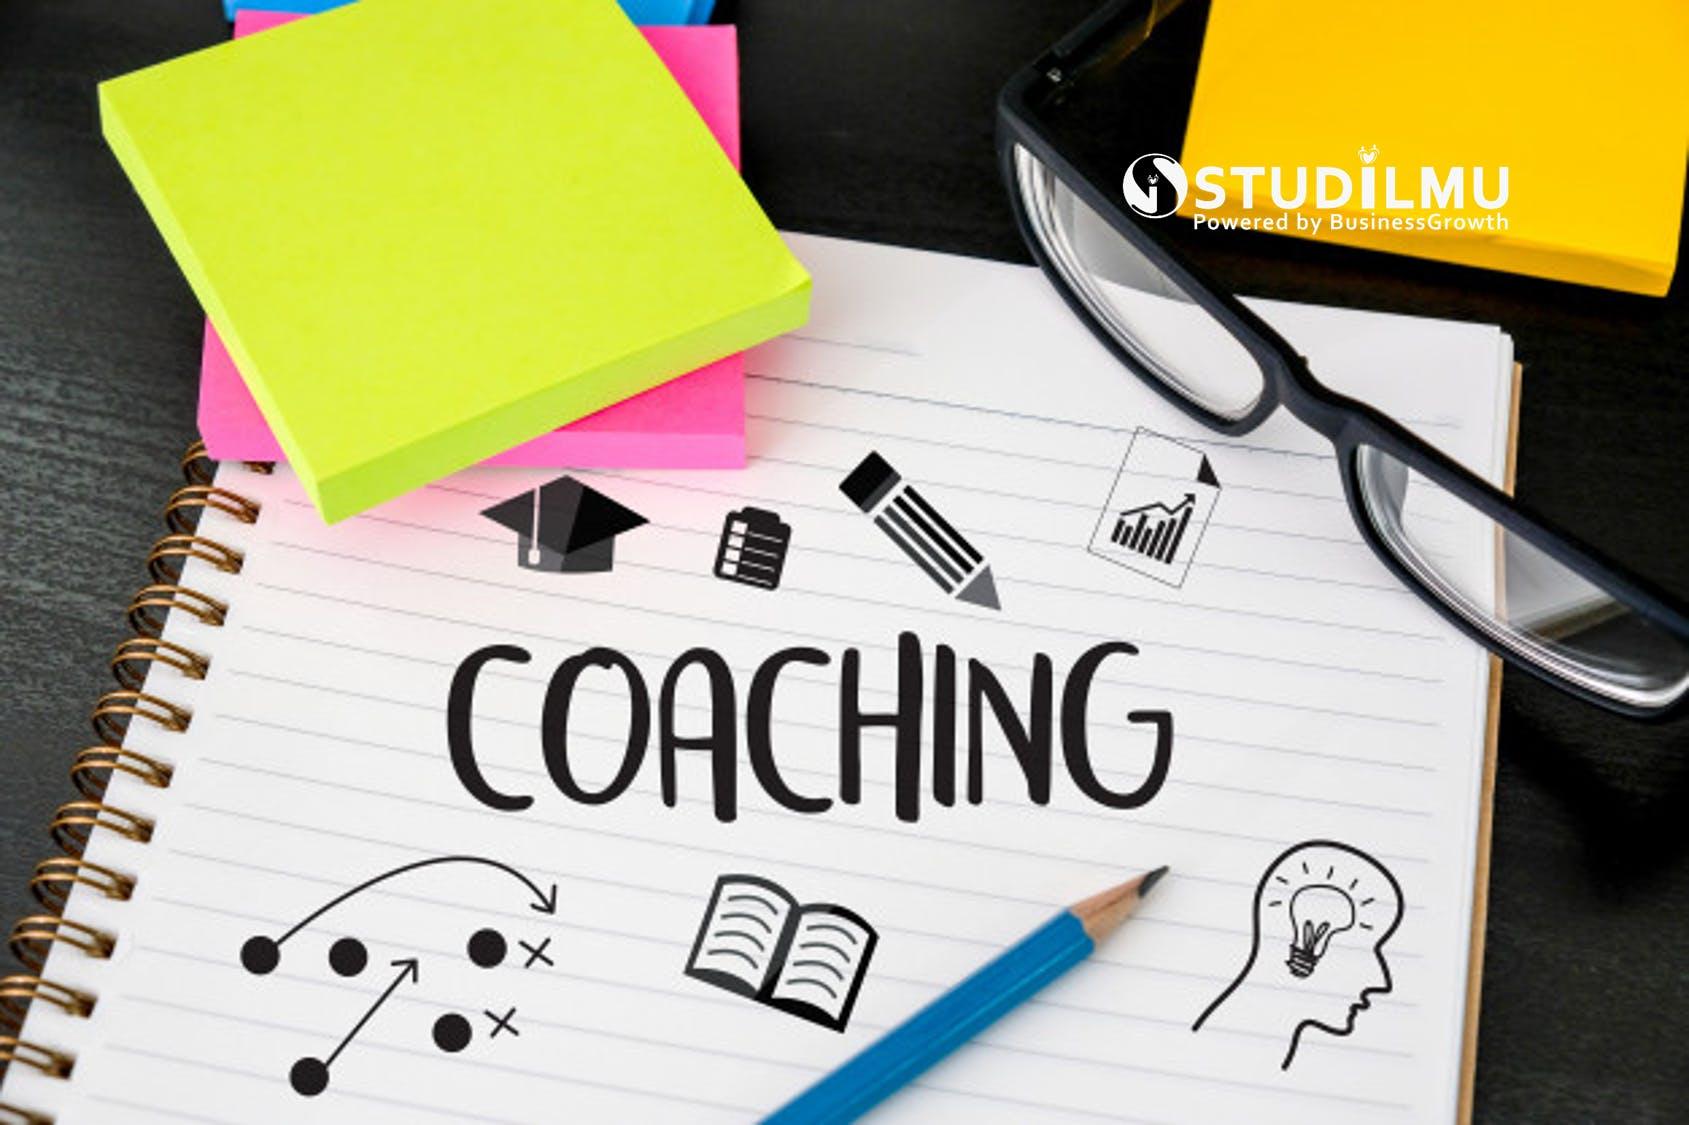 STUDILMU Career Advice - 7 Cara Melatih Mental Karyawan Melalui Pembinaan Karyawan